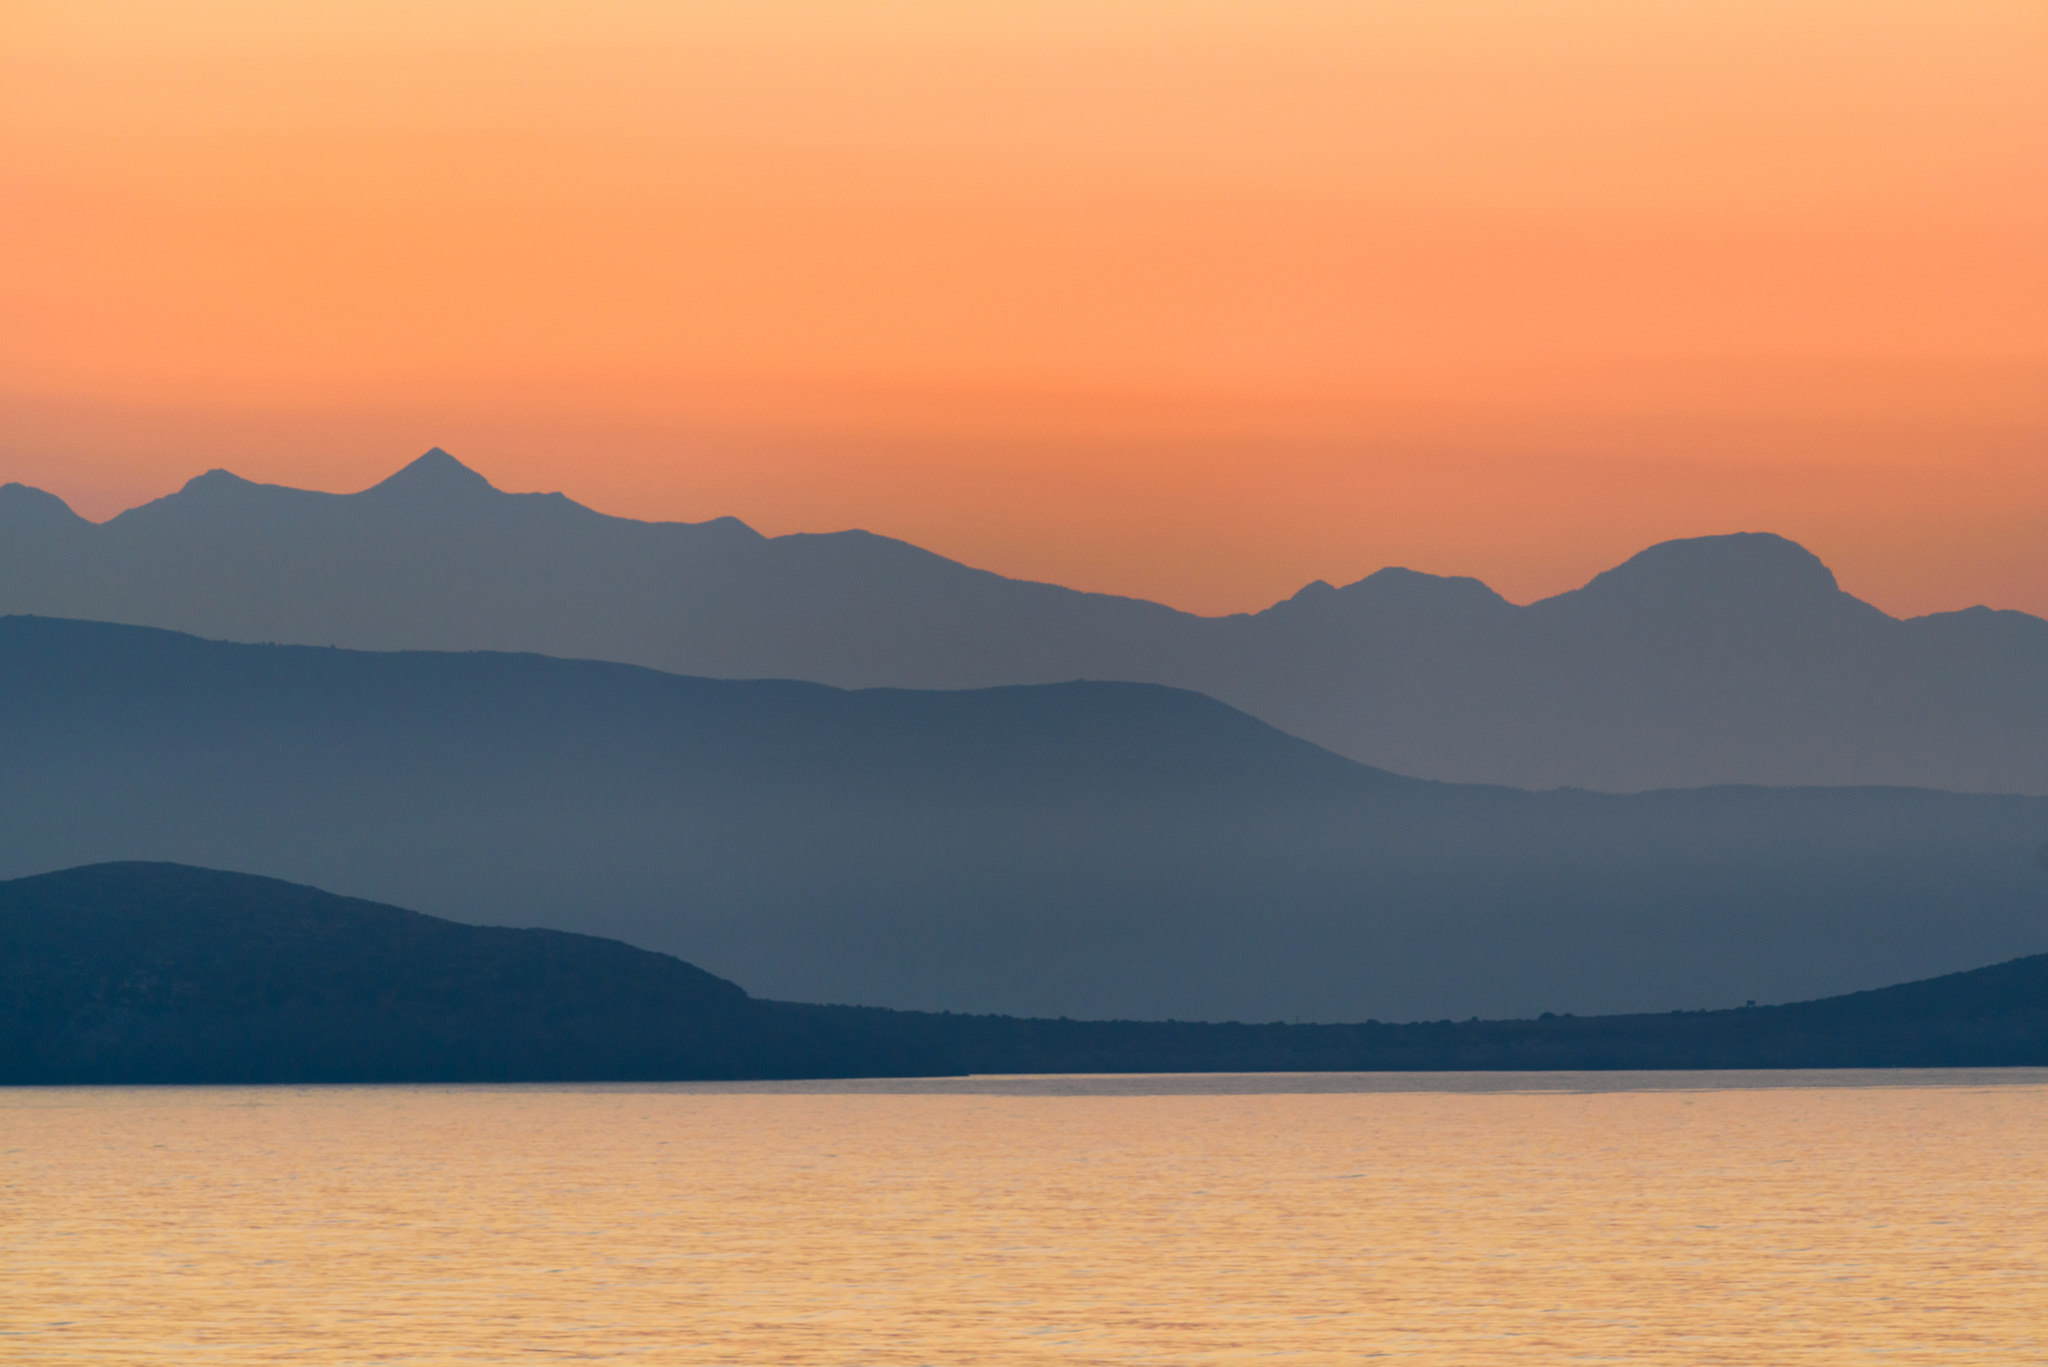 地中海, 哥斯达黎加, 希腊, 小山, 山脉, 日落 - 高清壁纸 - 教授-falken.com